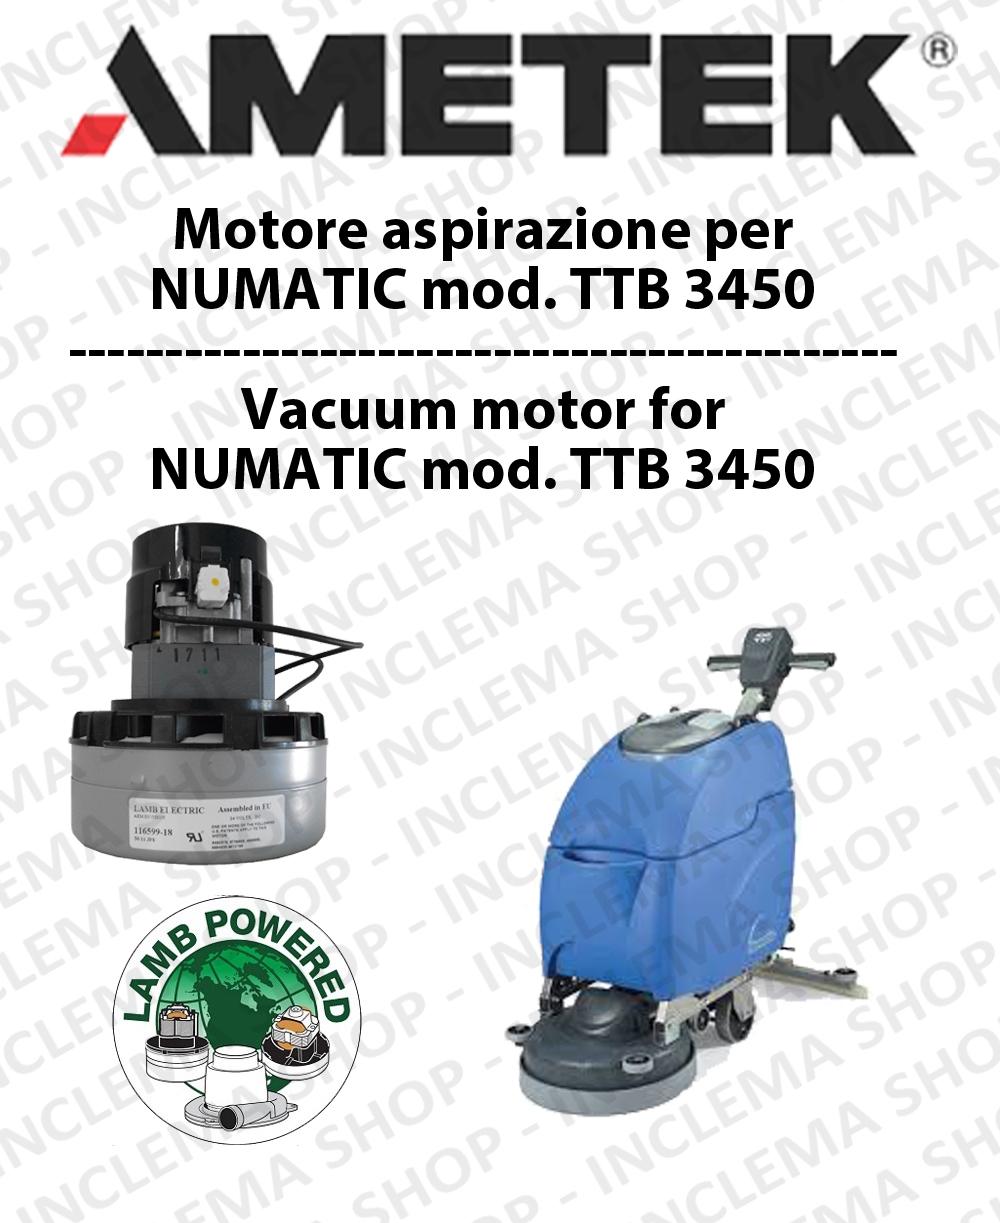 TTB 3450 moteur aspiration AMETEK autolaveuses NUMATIC